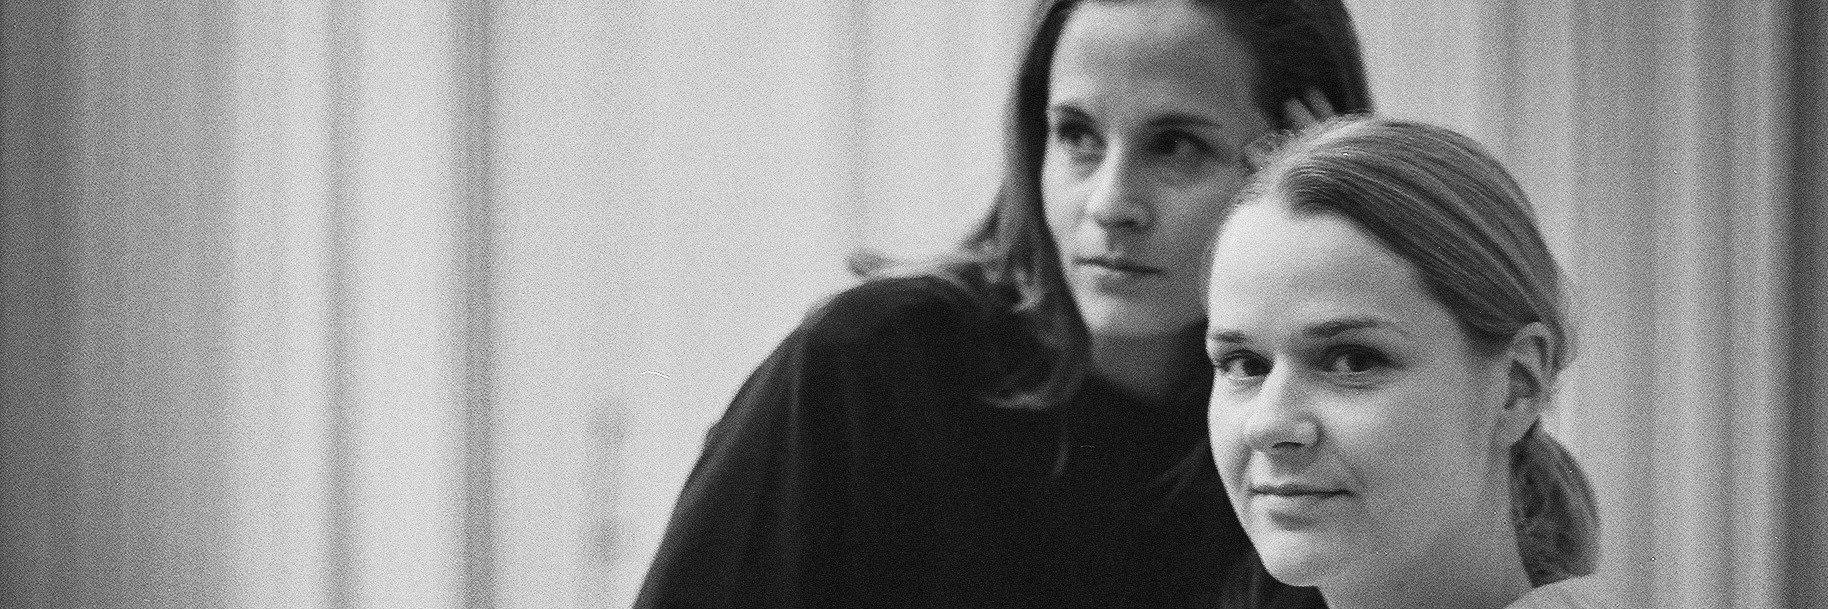 Innowatorski polski duet - Hania Rani i Dobrawa Czocher dołączają do Deutsche Grammophon!